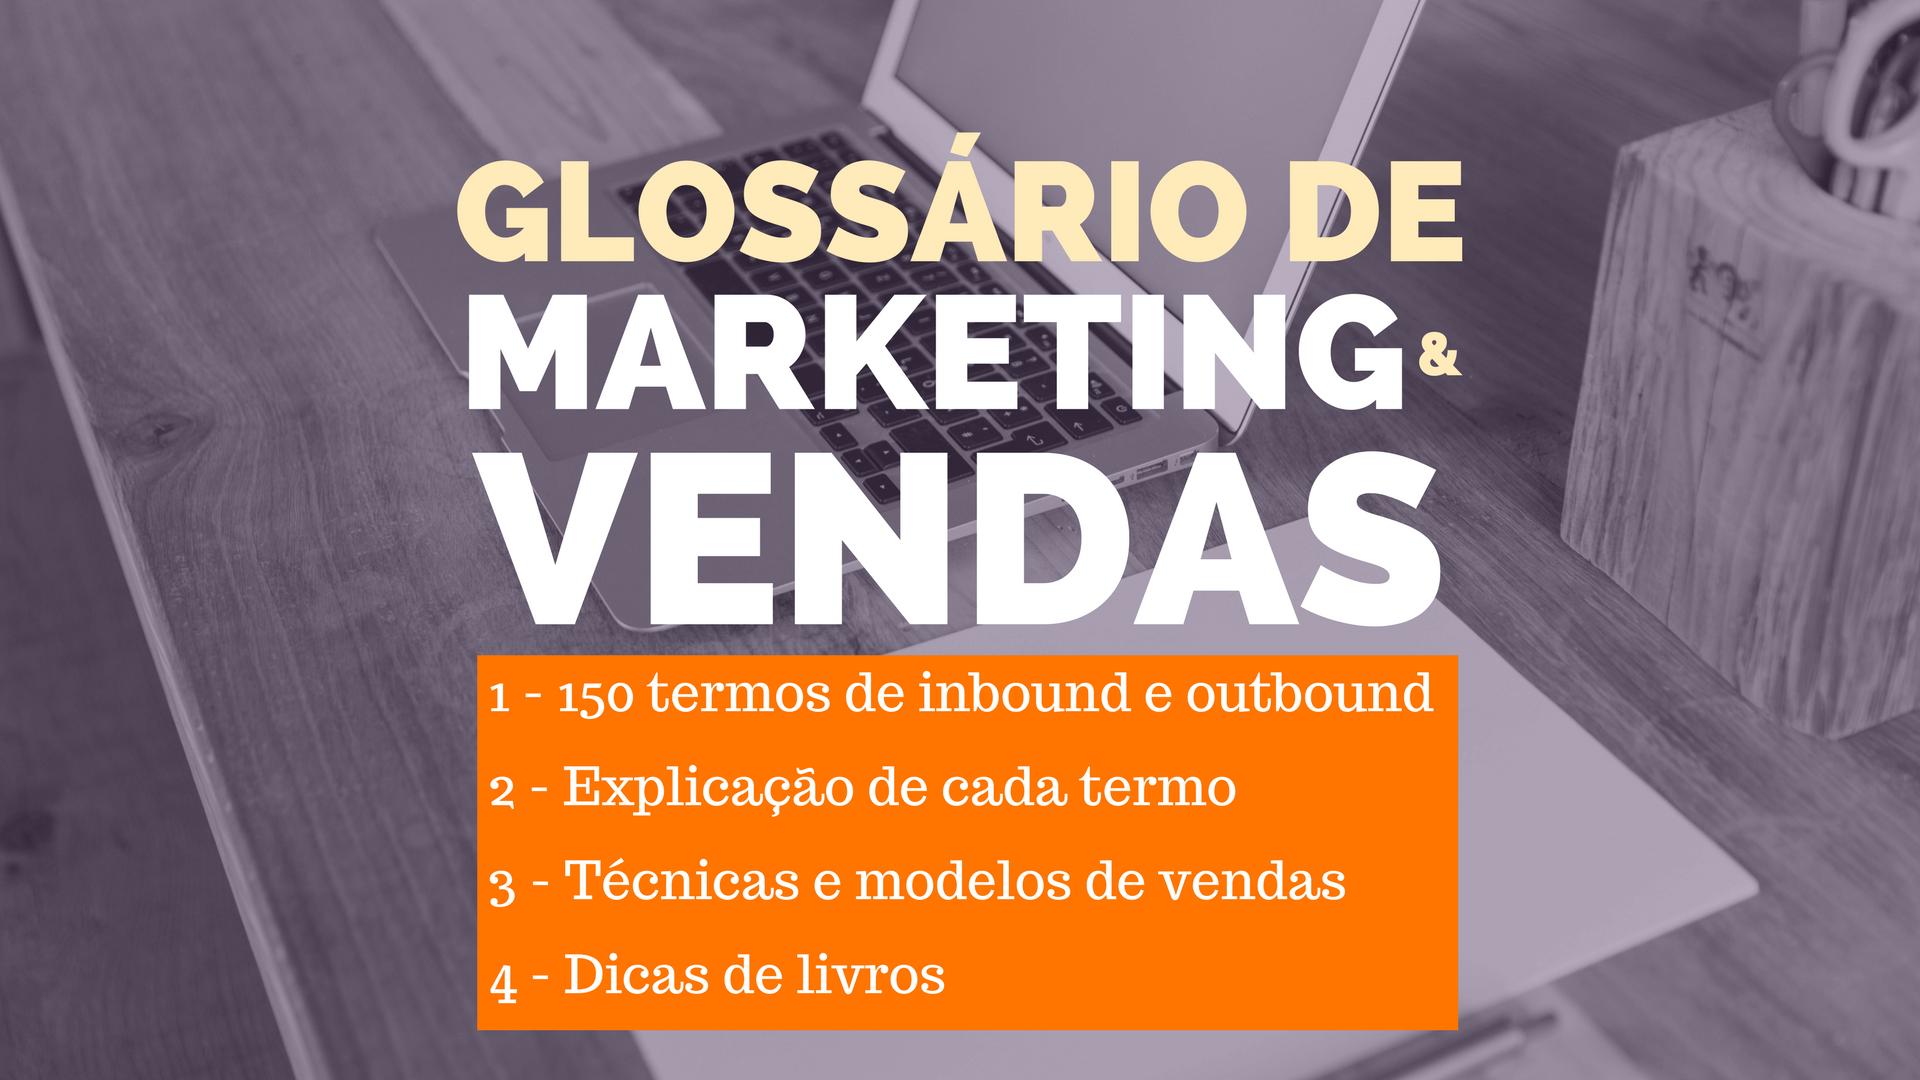 Glossário de Marketing e Vendas 2017